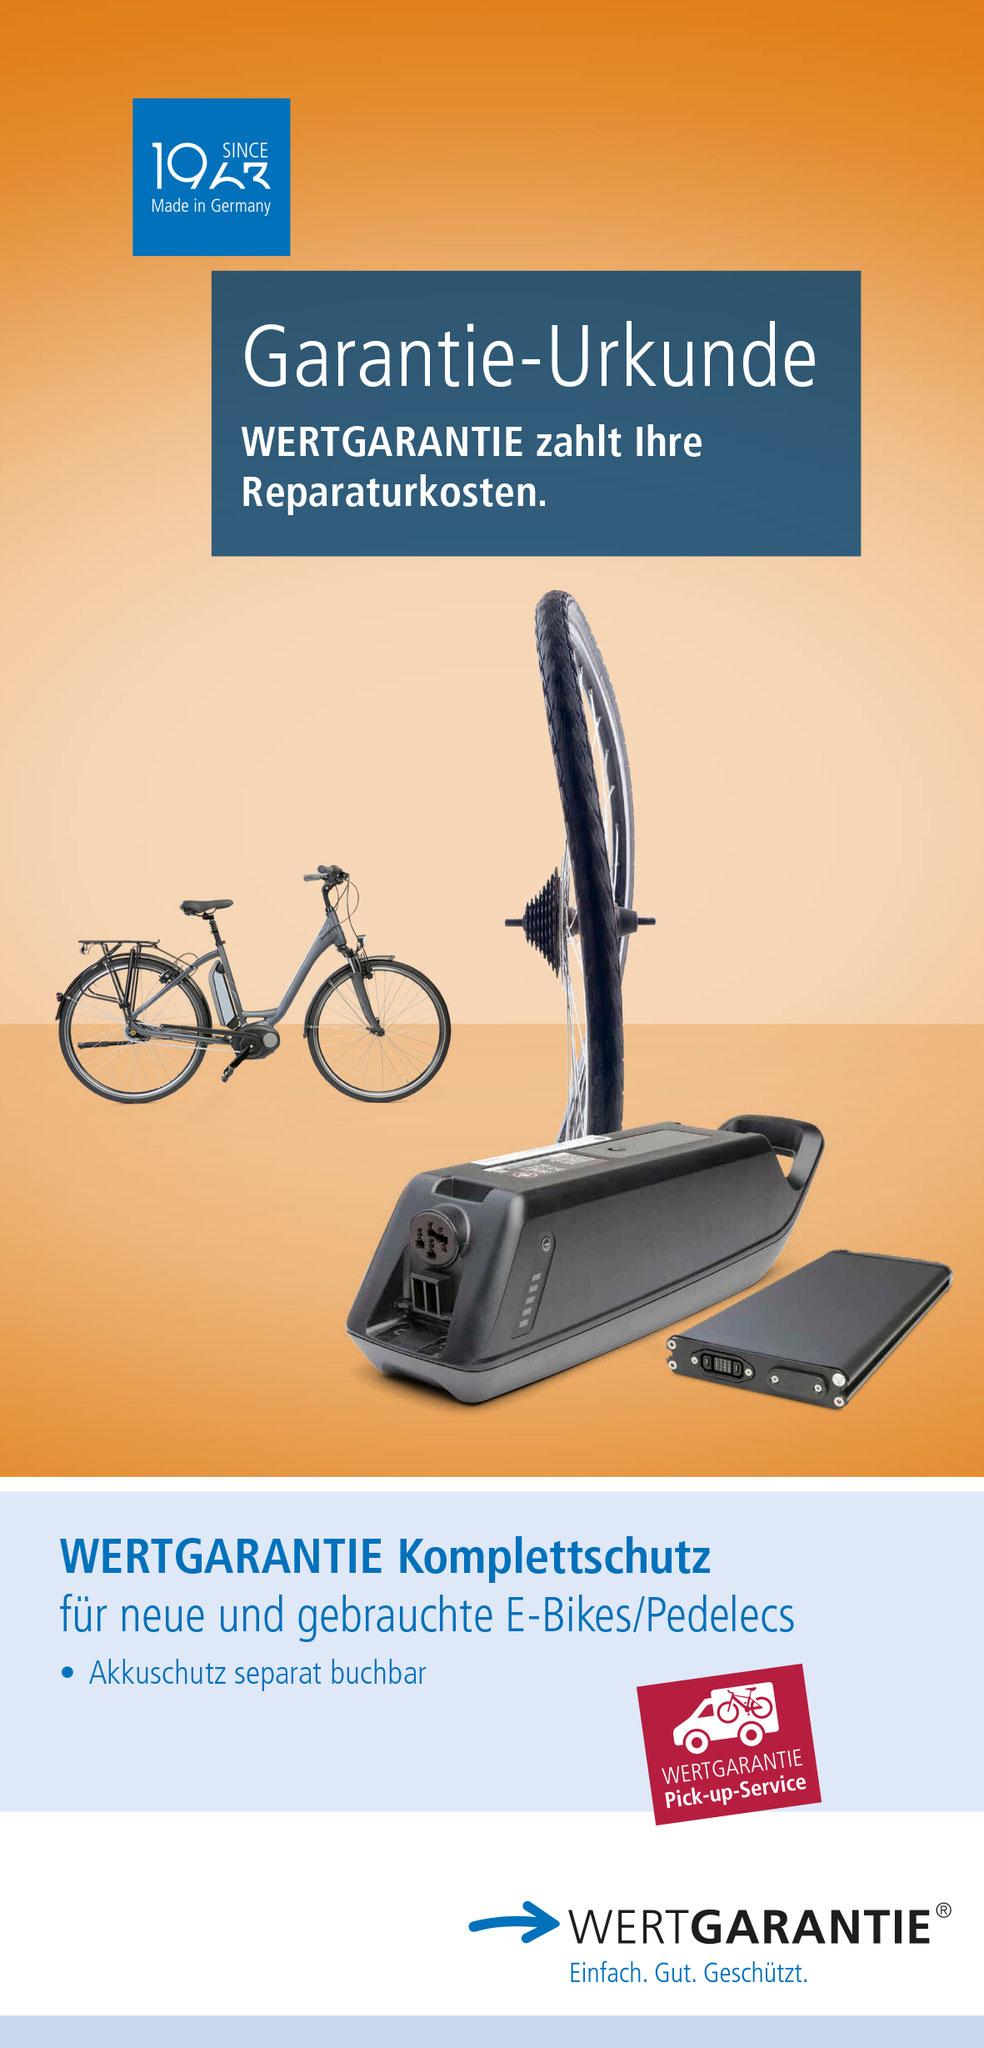 Zu den berechtigten Produkten gehören u.a. der neue, ausgezeichnete Komplettschutz E-Bikes/Pedelecs 2021 und der neue Reparaturkostenschutz Fahrrad 2021 mit optionalem Diebstahlschutz. Foto: Wertgarantie